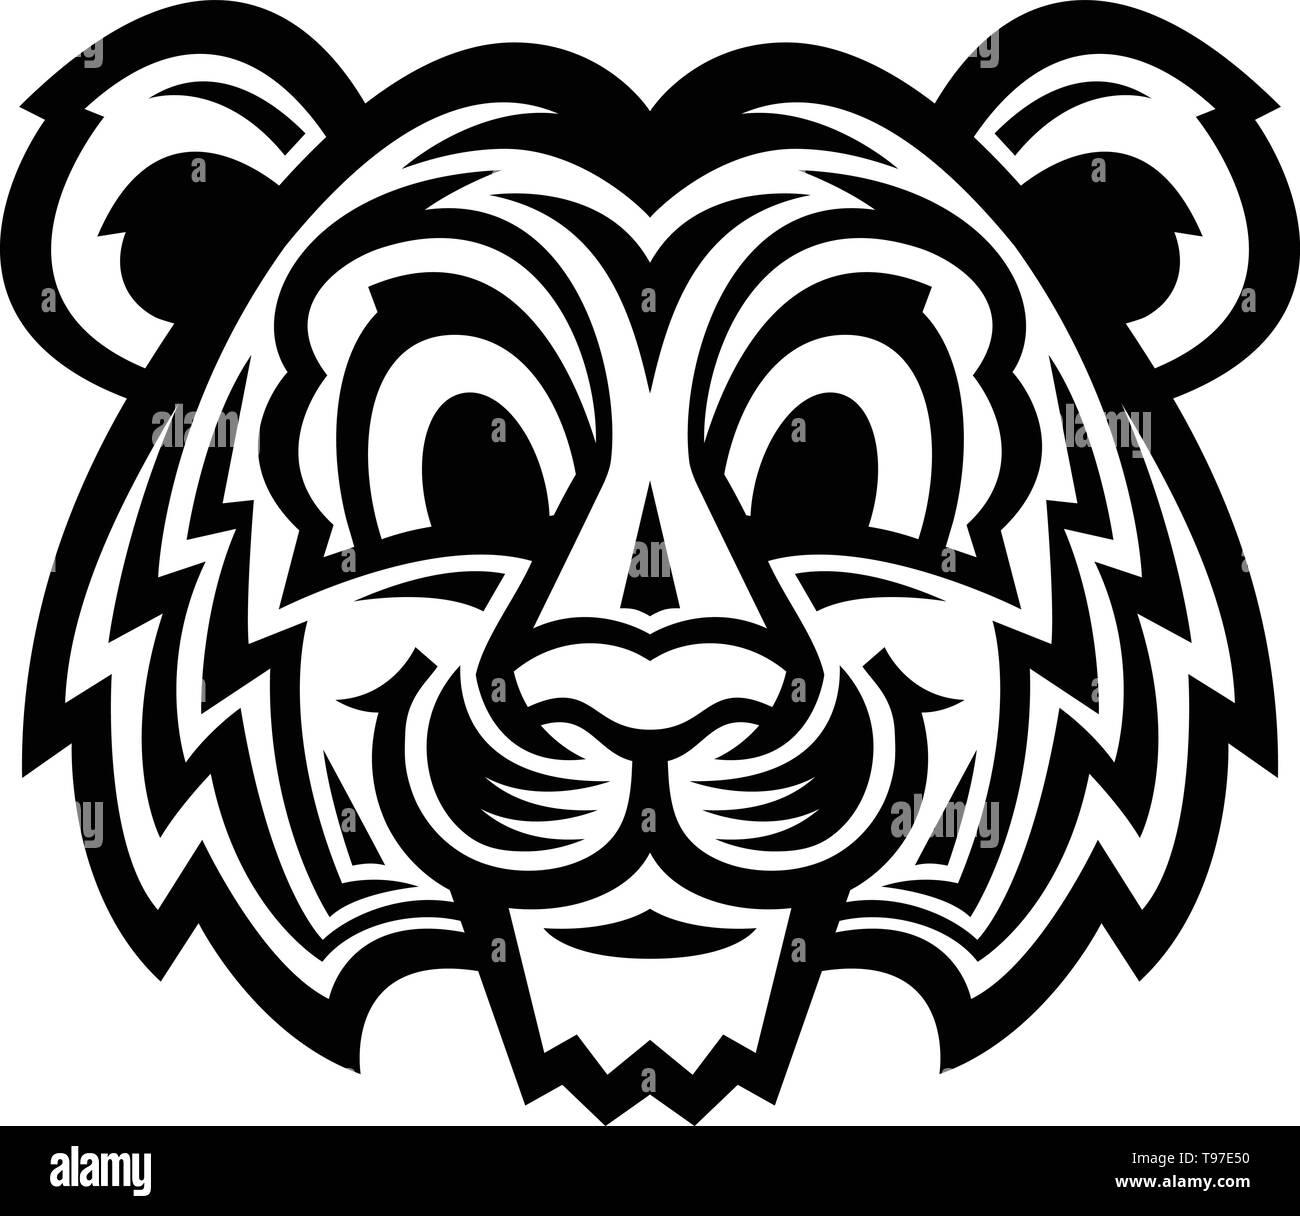 Cute Cartoon Tiger Cat - Stock Image